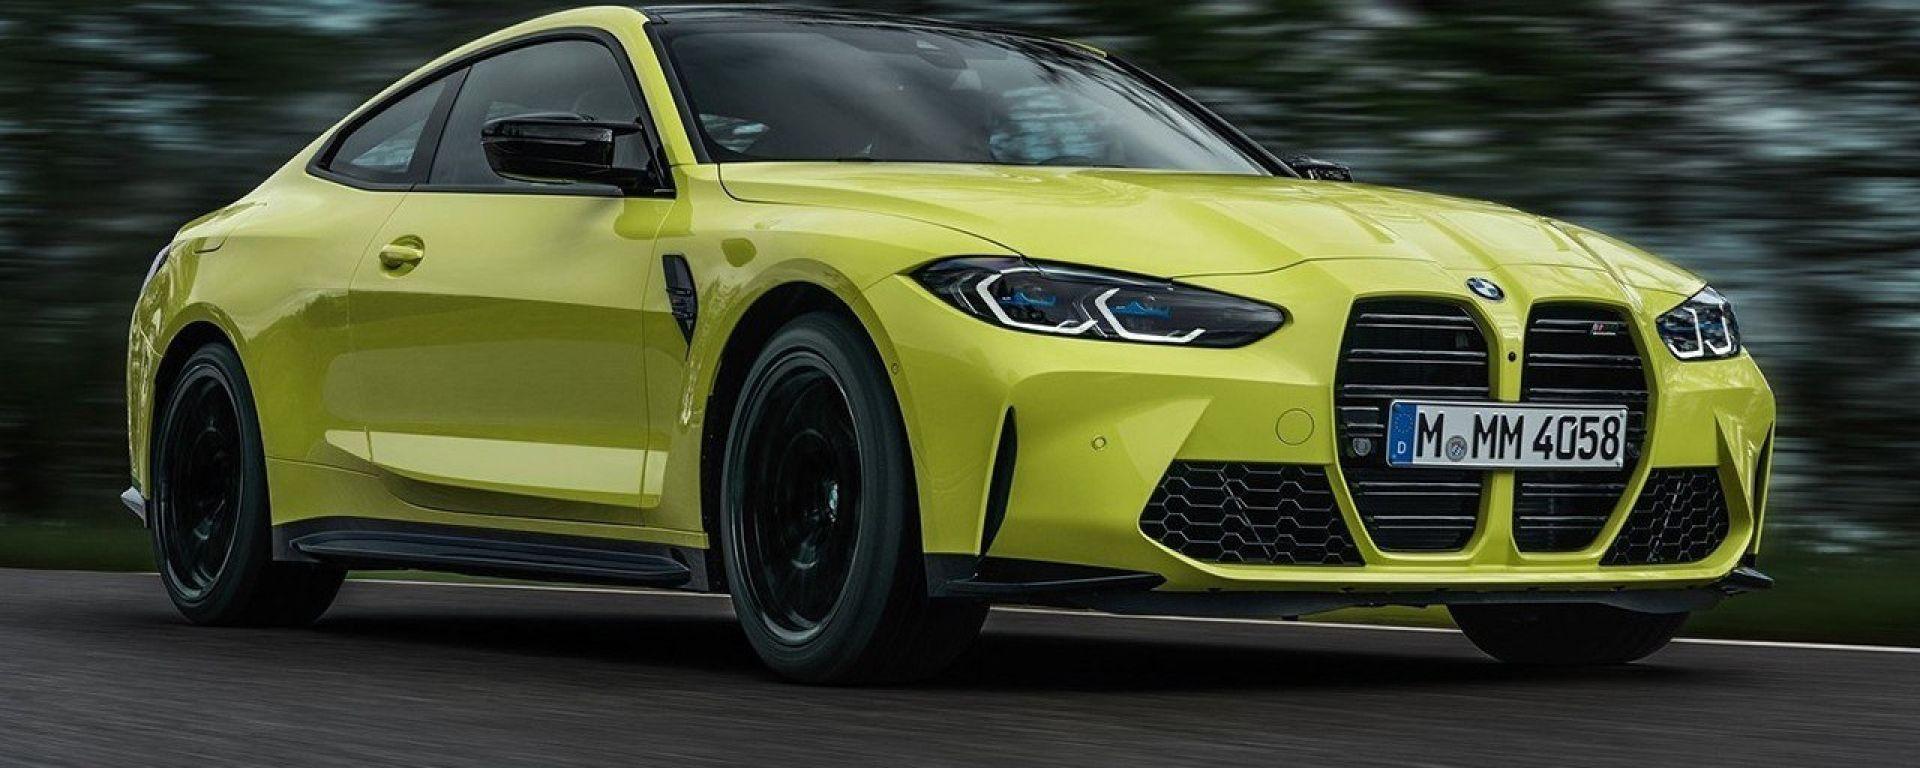 Nuova BMW M4 Coupé CSL: in arrivo una versione più potente e leggera della sportiva tedesca